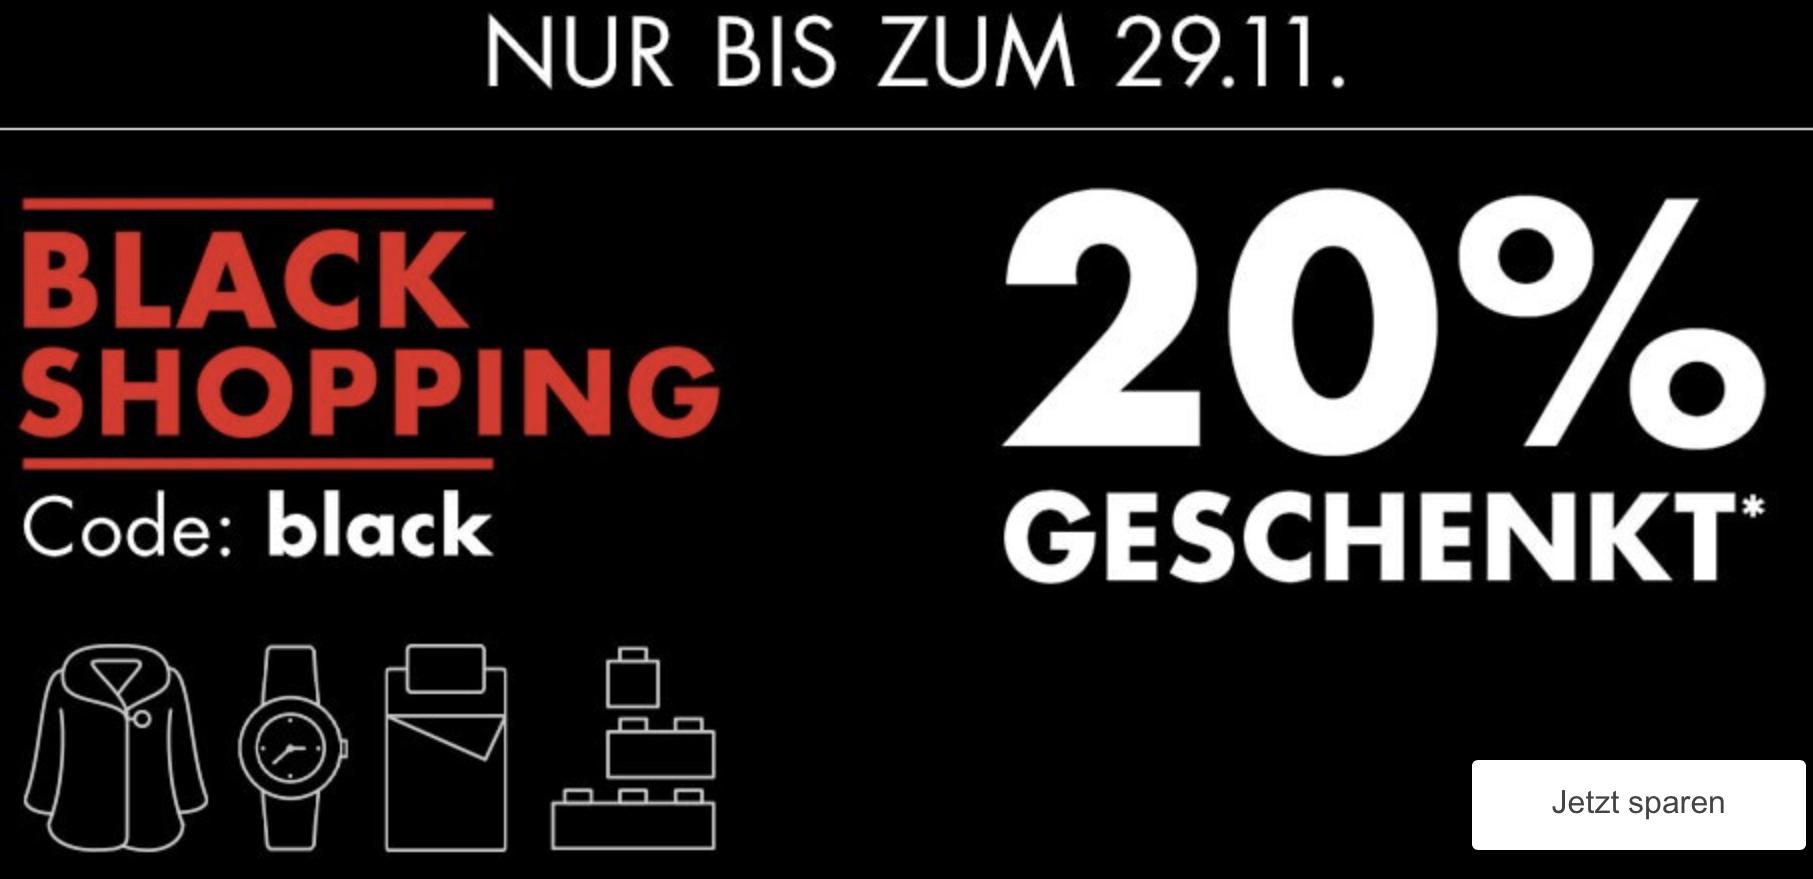 Galeria: Black Shopping Week: 20% Rabatt auf Kleidung, Wohnen, Spielwaren (auch Lego), Sport, Koffer, Beauty, Uhren, Schmuck usw. usw.